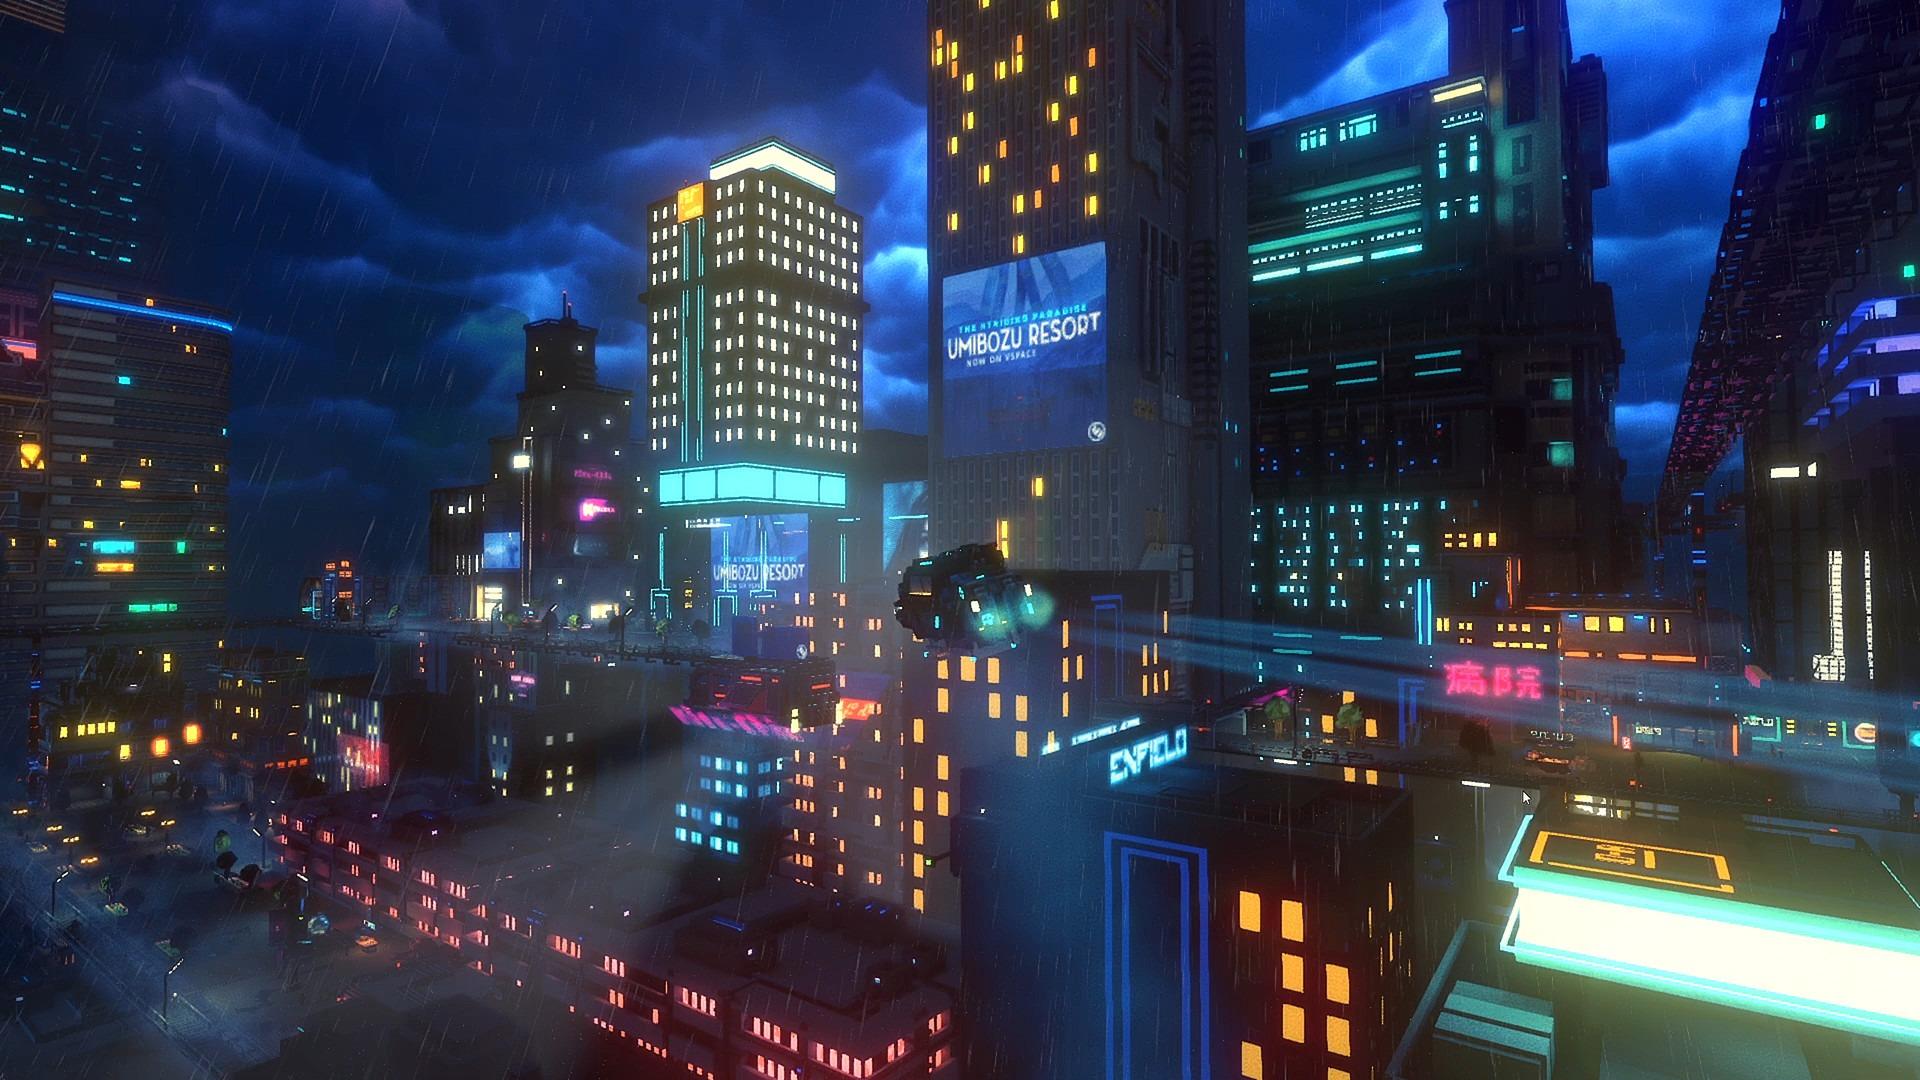 サイバーパンク都市で運送屋になる Cloudpunk が4月23日に発売決定 ネオンの街をエアカーで駆け巡り町の人々と交流しよう